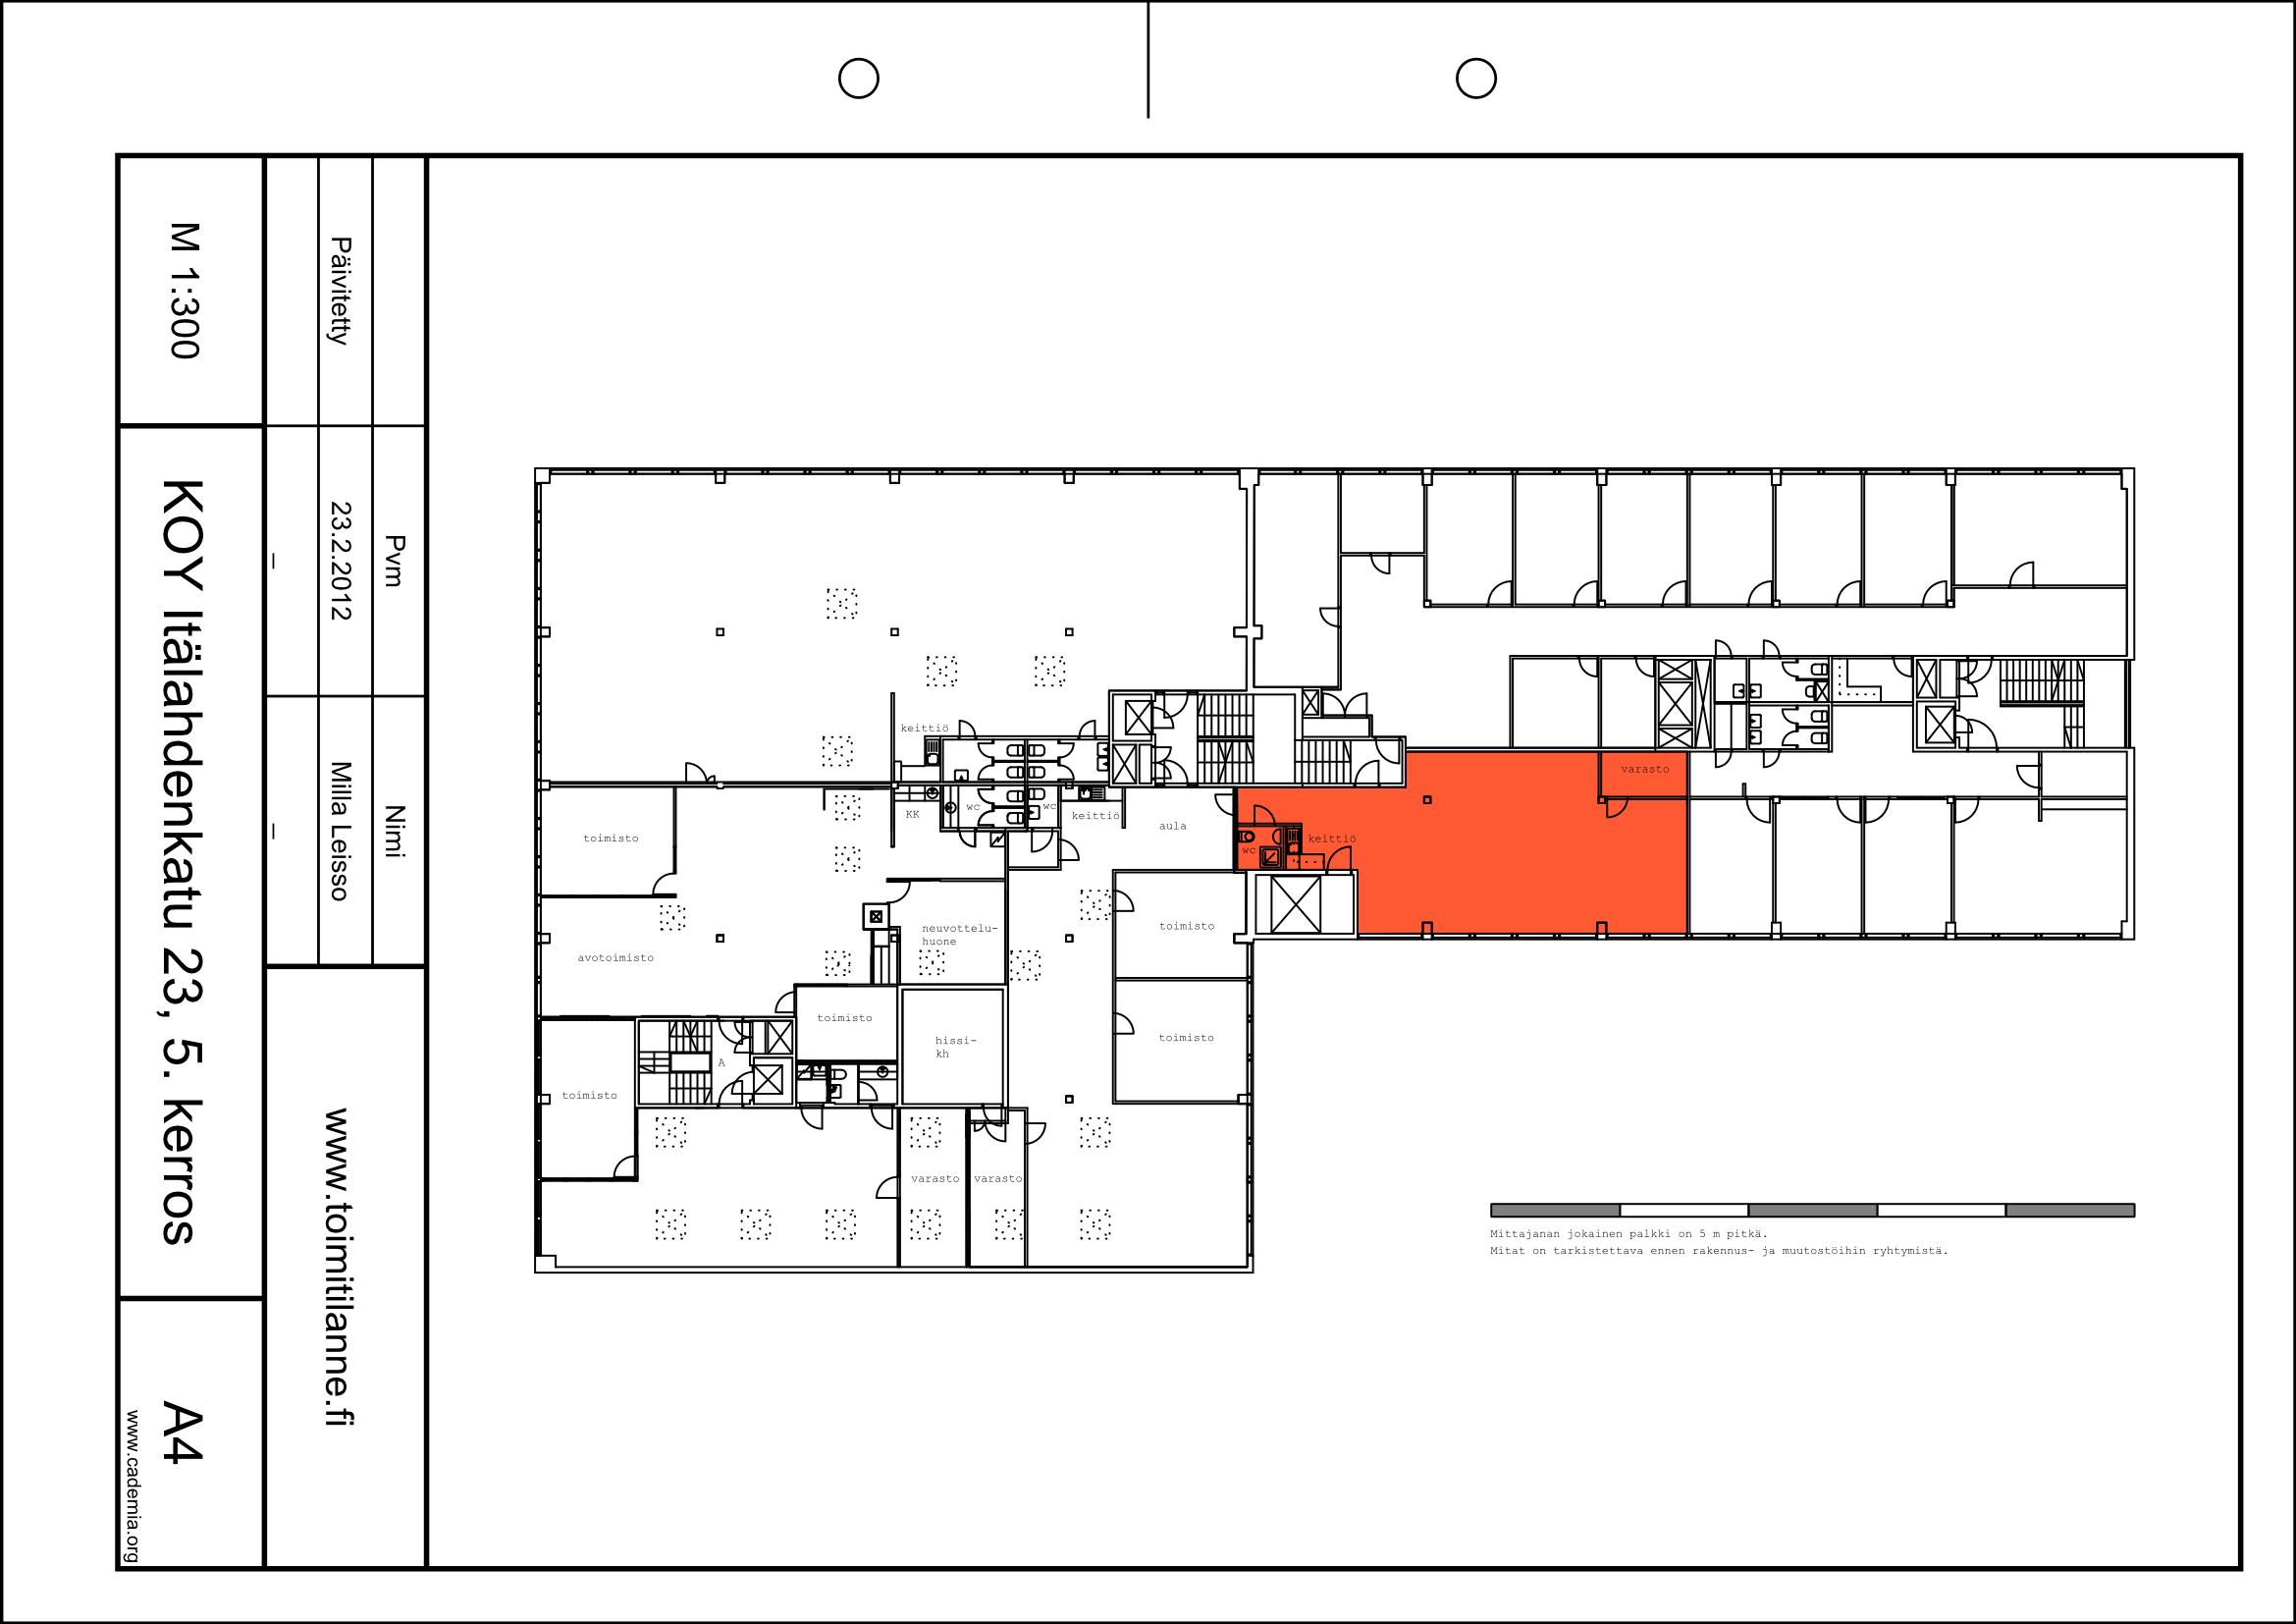 Toimitilanne Suomi, Helsinki - Lauttasaari, Itälahdenkatu 23. Toimistotila 110 m².